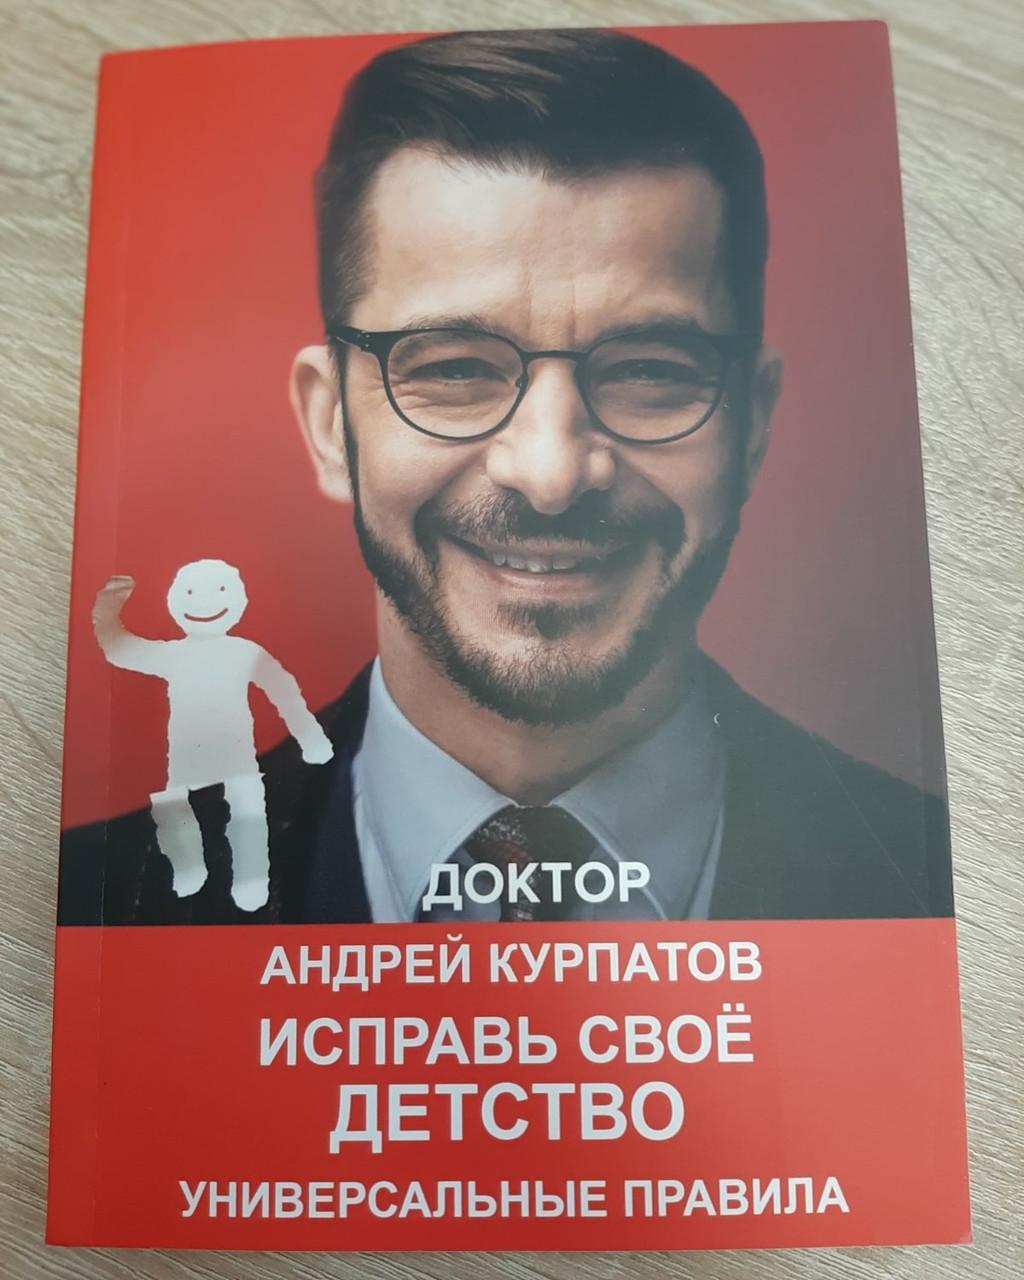 """Андрей Курпатов """"Исправь своё детство. Универсальные правила"""" (мягкая обложка)"""